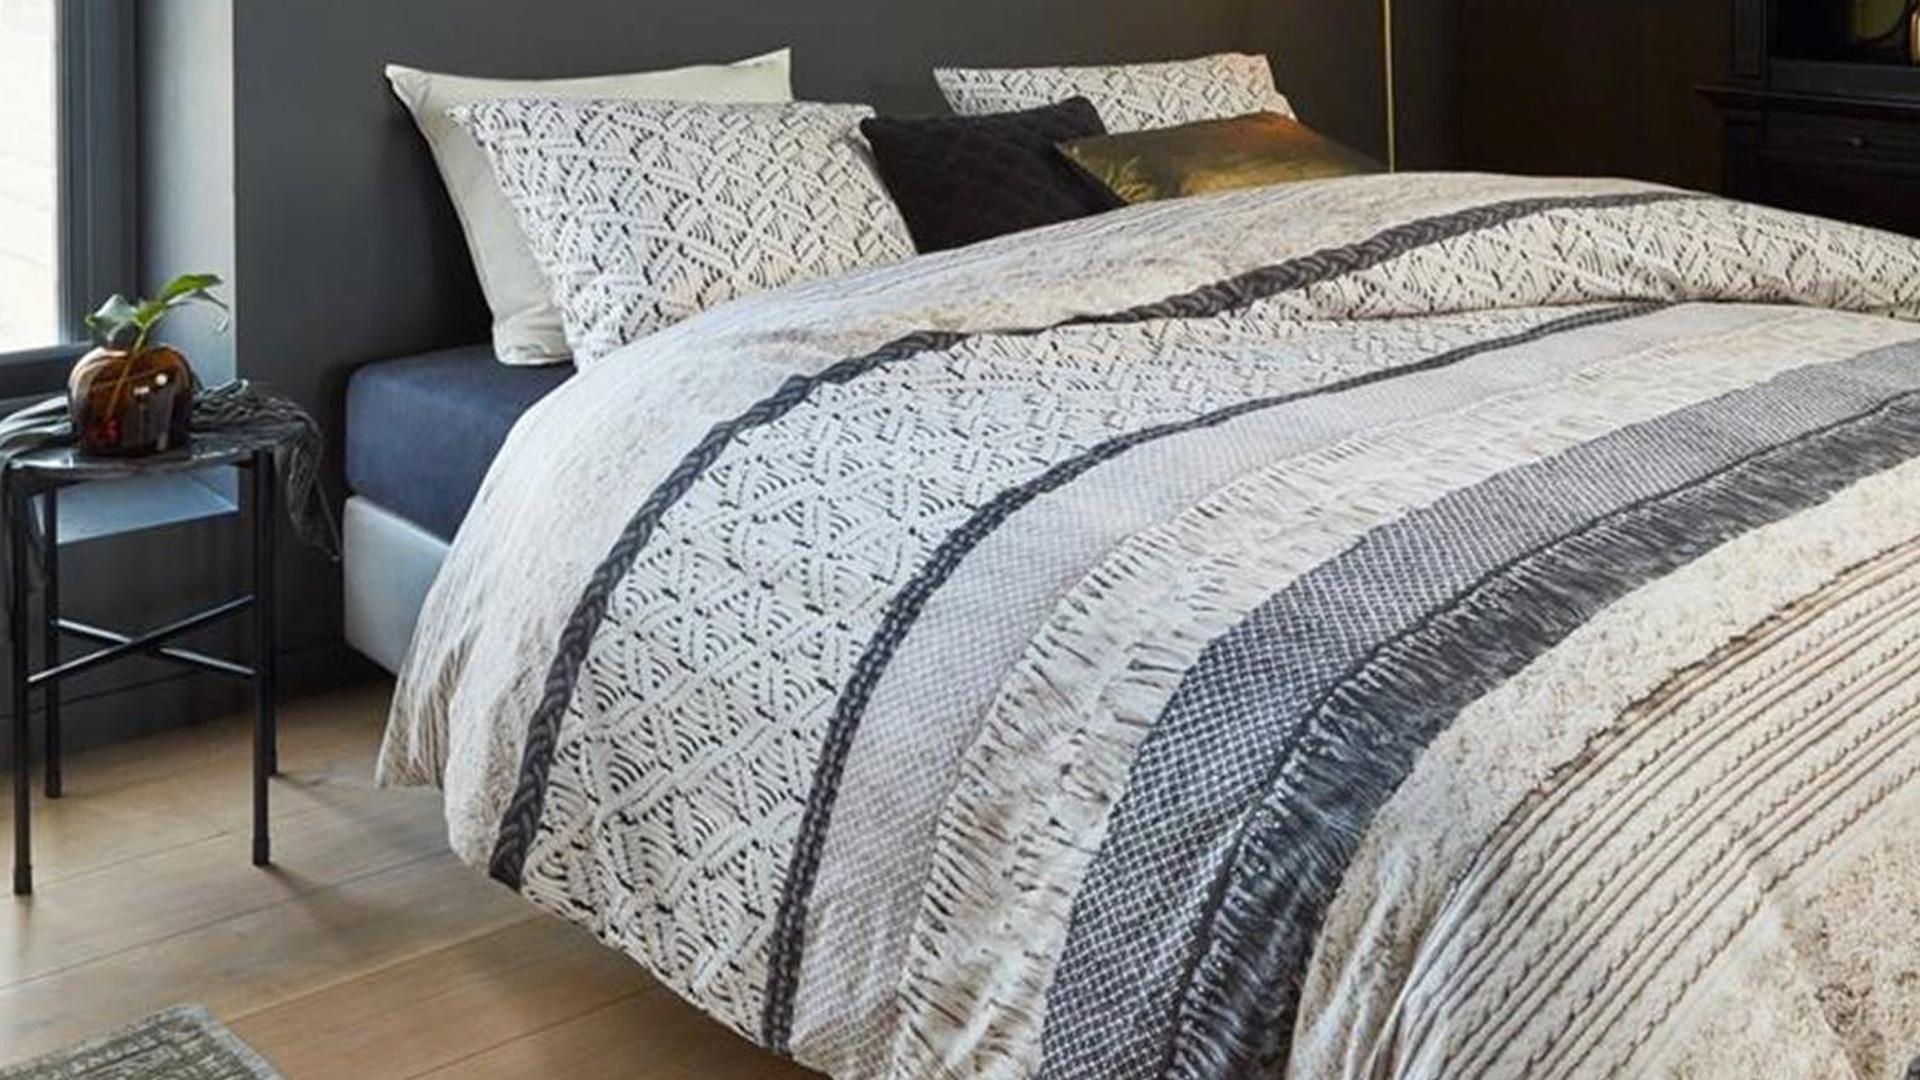 Welke maat dekbedovertrek heb ik nodig? Textielwereld helpt!